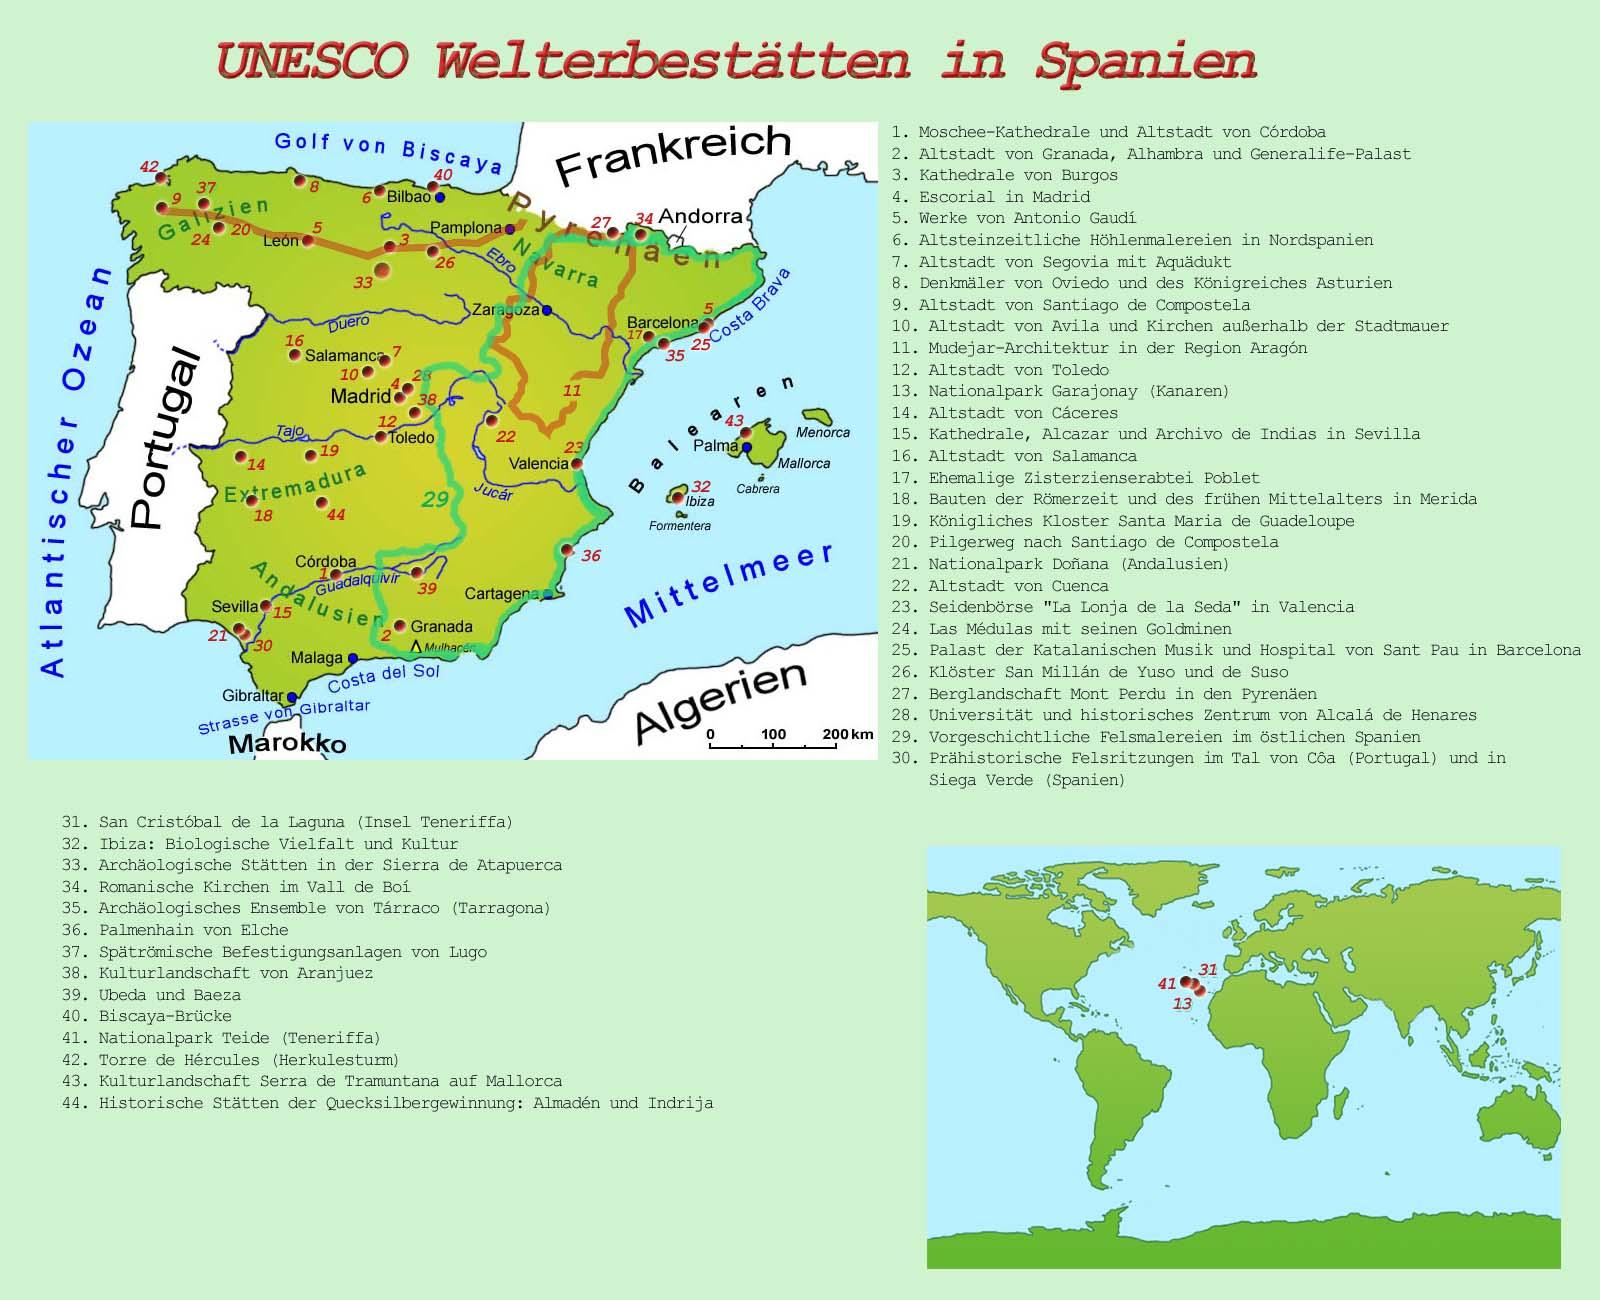 Spanische Karte.Spanien Unesco Welterbestatten Lander